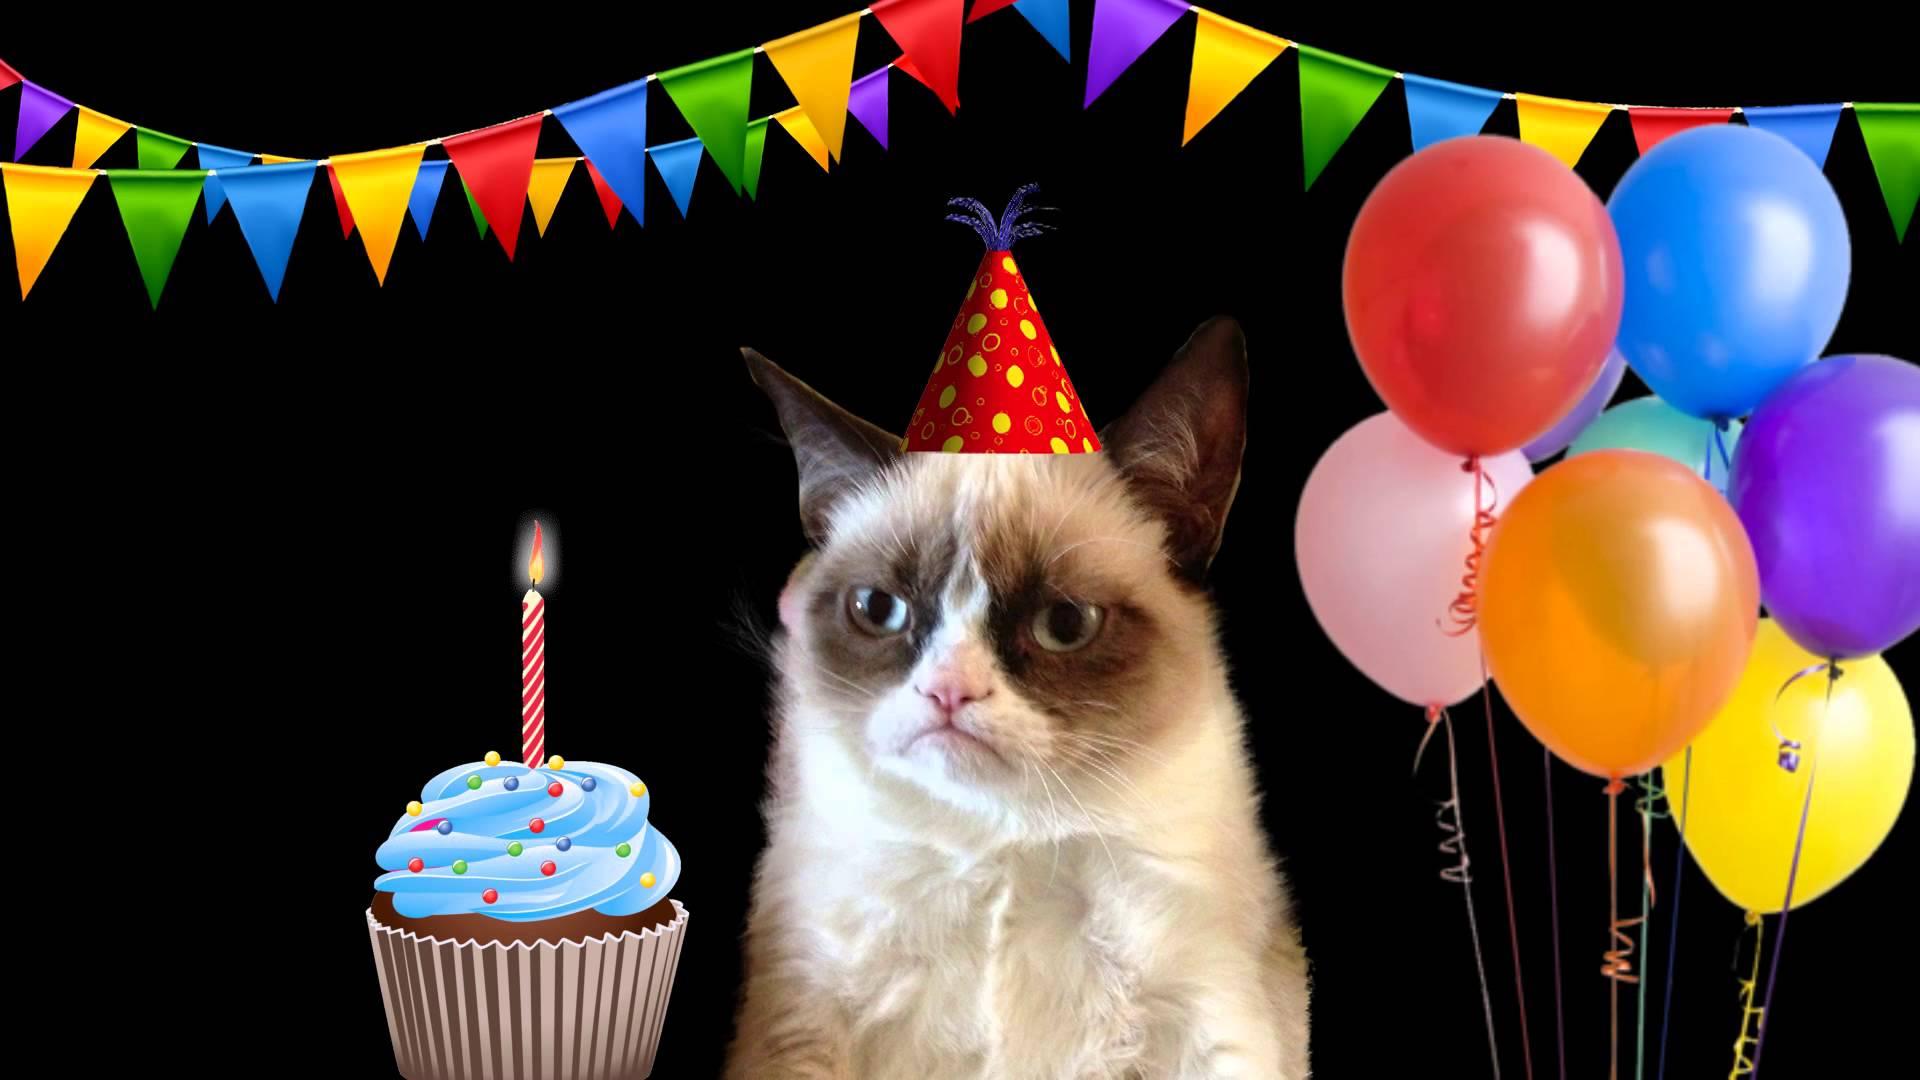 конкурсе поздравления для него на день рождения грустная знаете что подарить